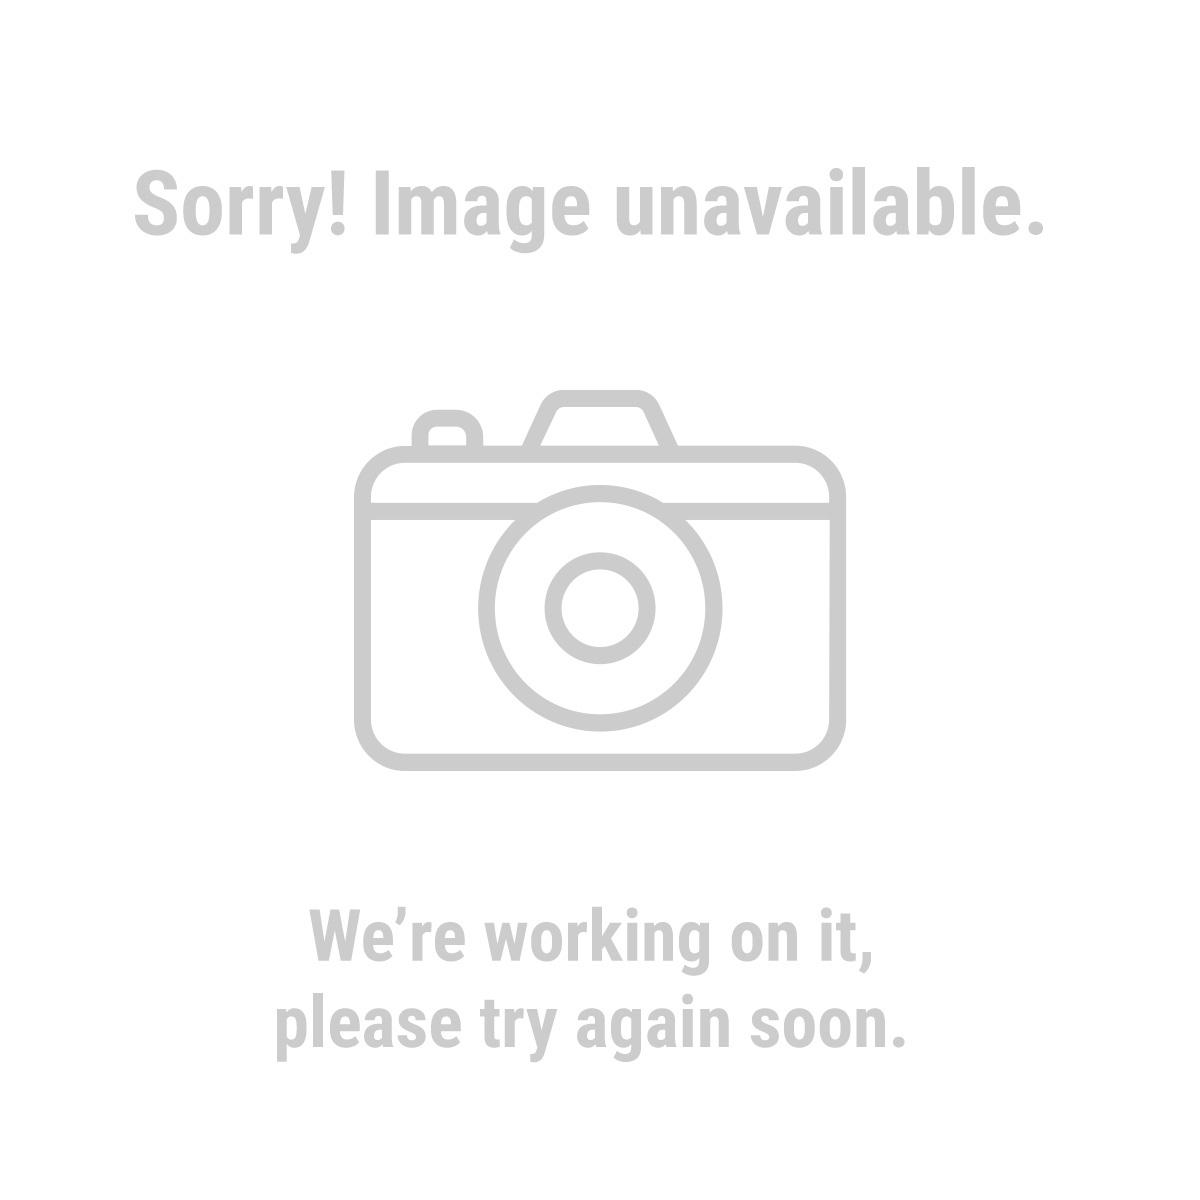 """Haul-Master® 66727 16 Ft. x 2"""" E-Track Tie Down Strap"""